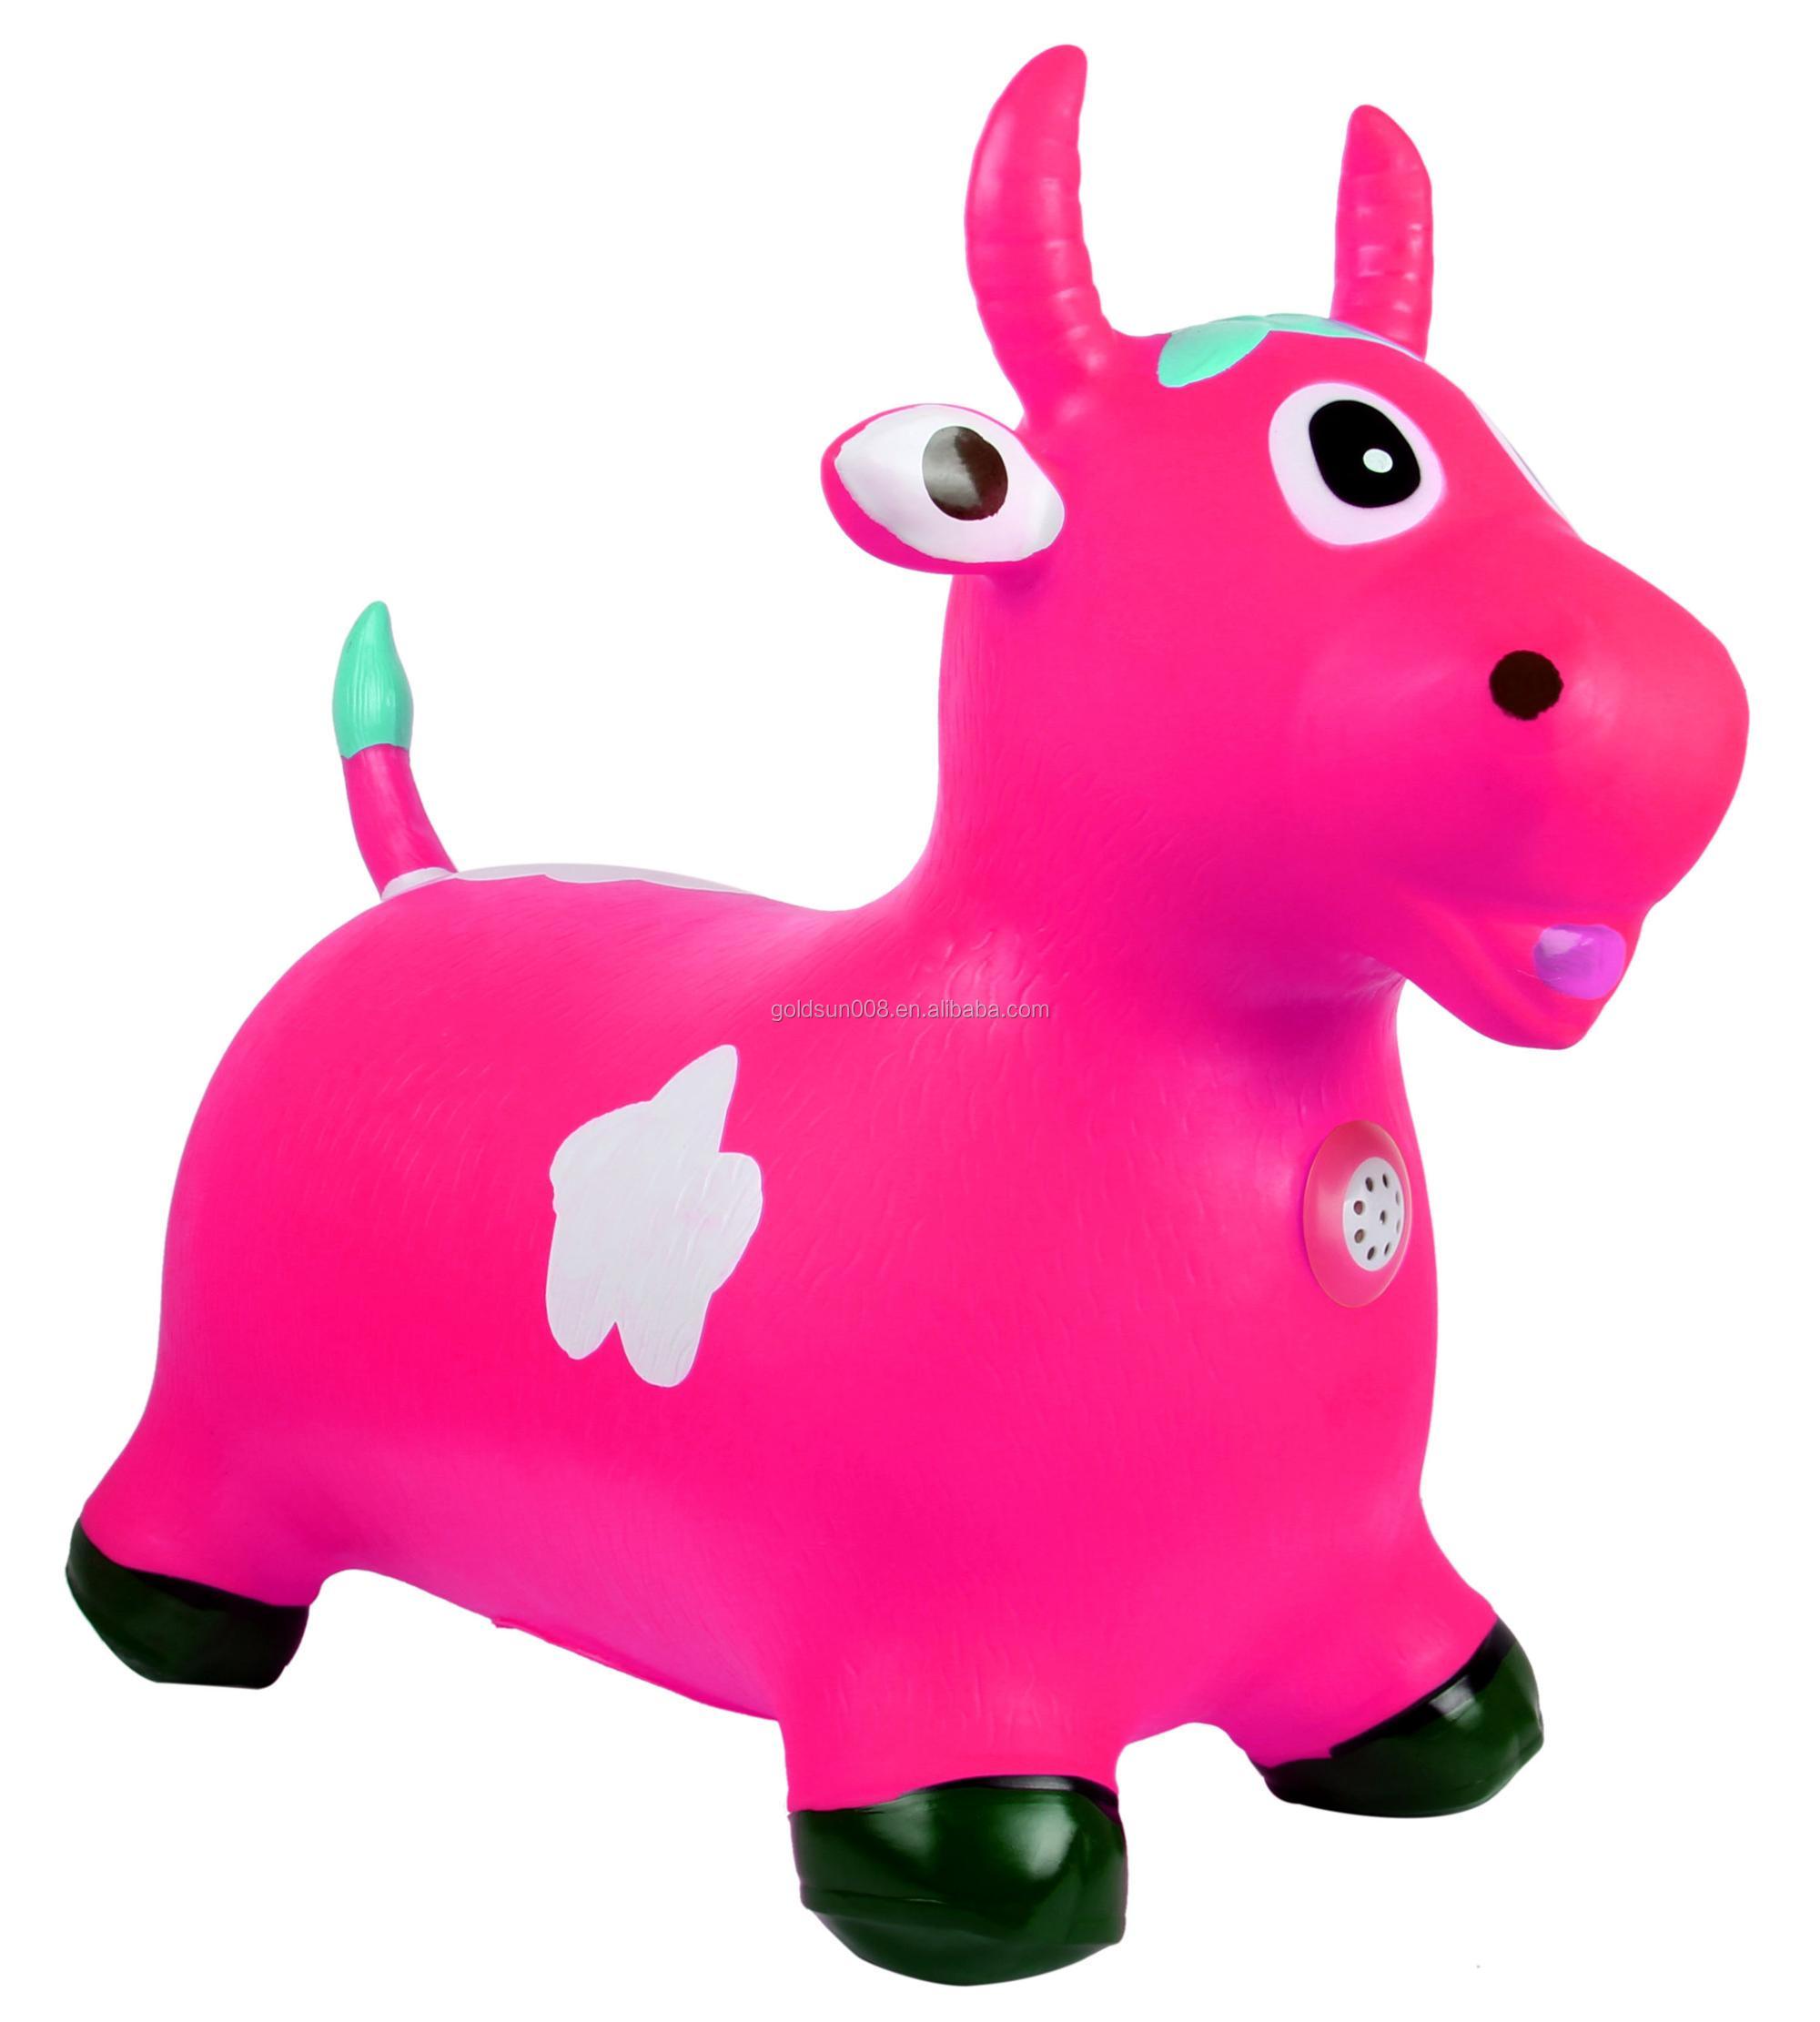 ПВХ прыгающие игрушки животных для детей, прыгающее животное, пластиковая игрушечная лошадь